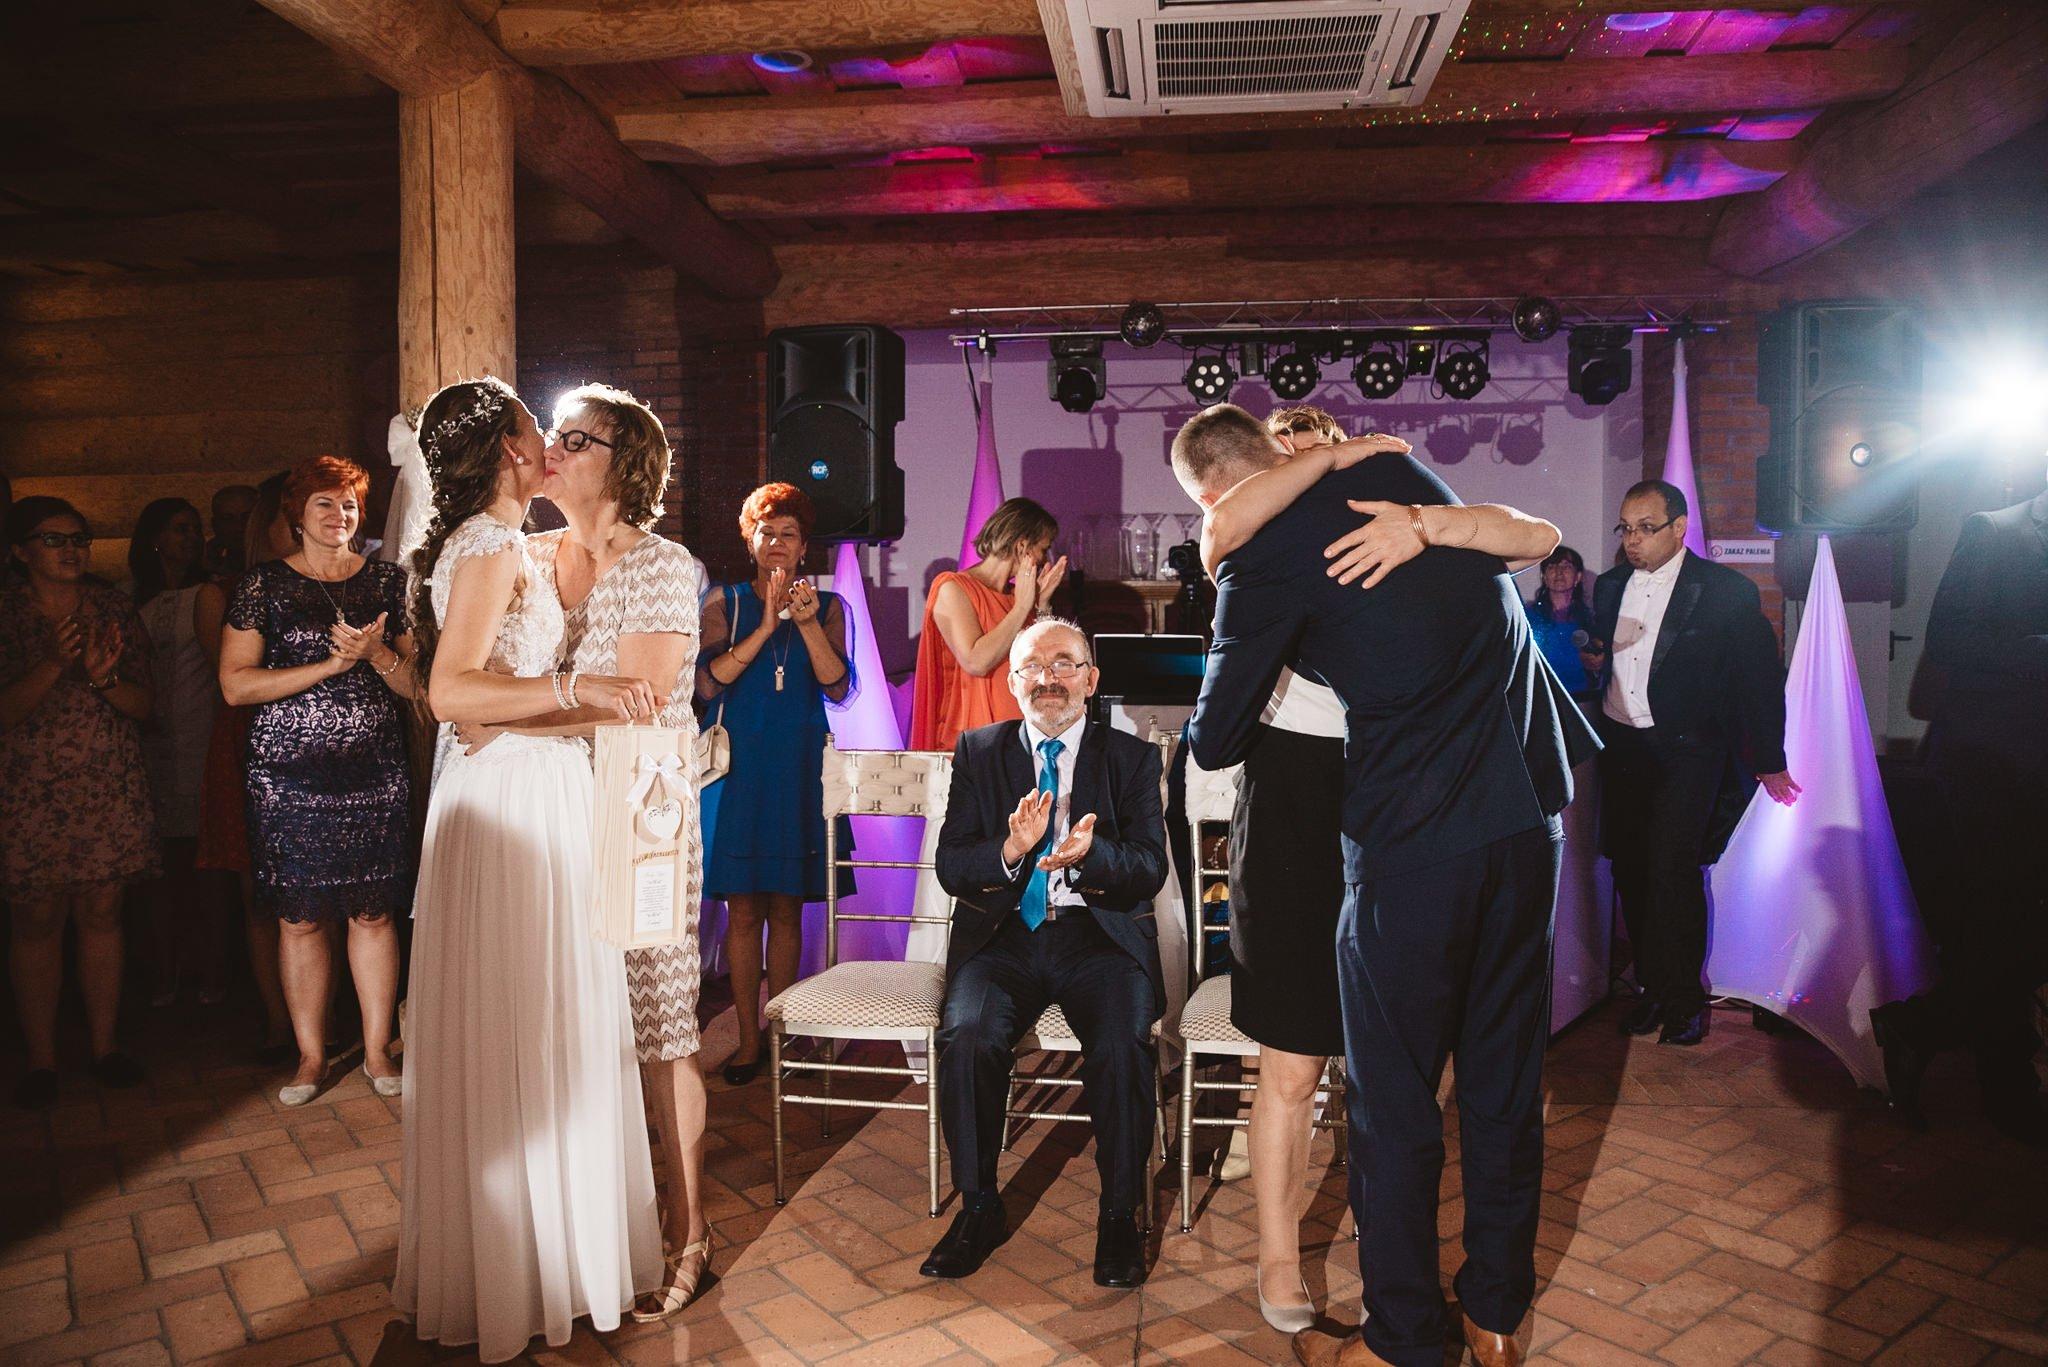 Ala i Arek, czyli jak zorganizować ślub i wesele w 4 tygodnie! 316